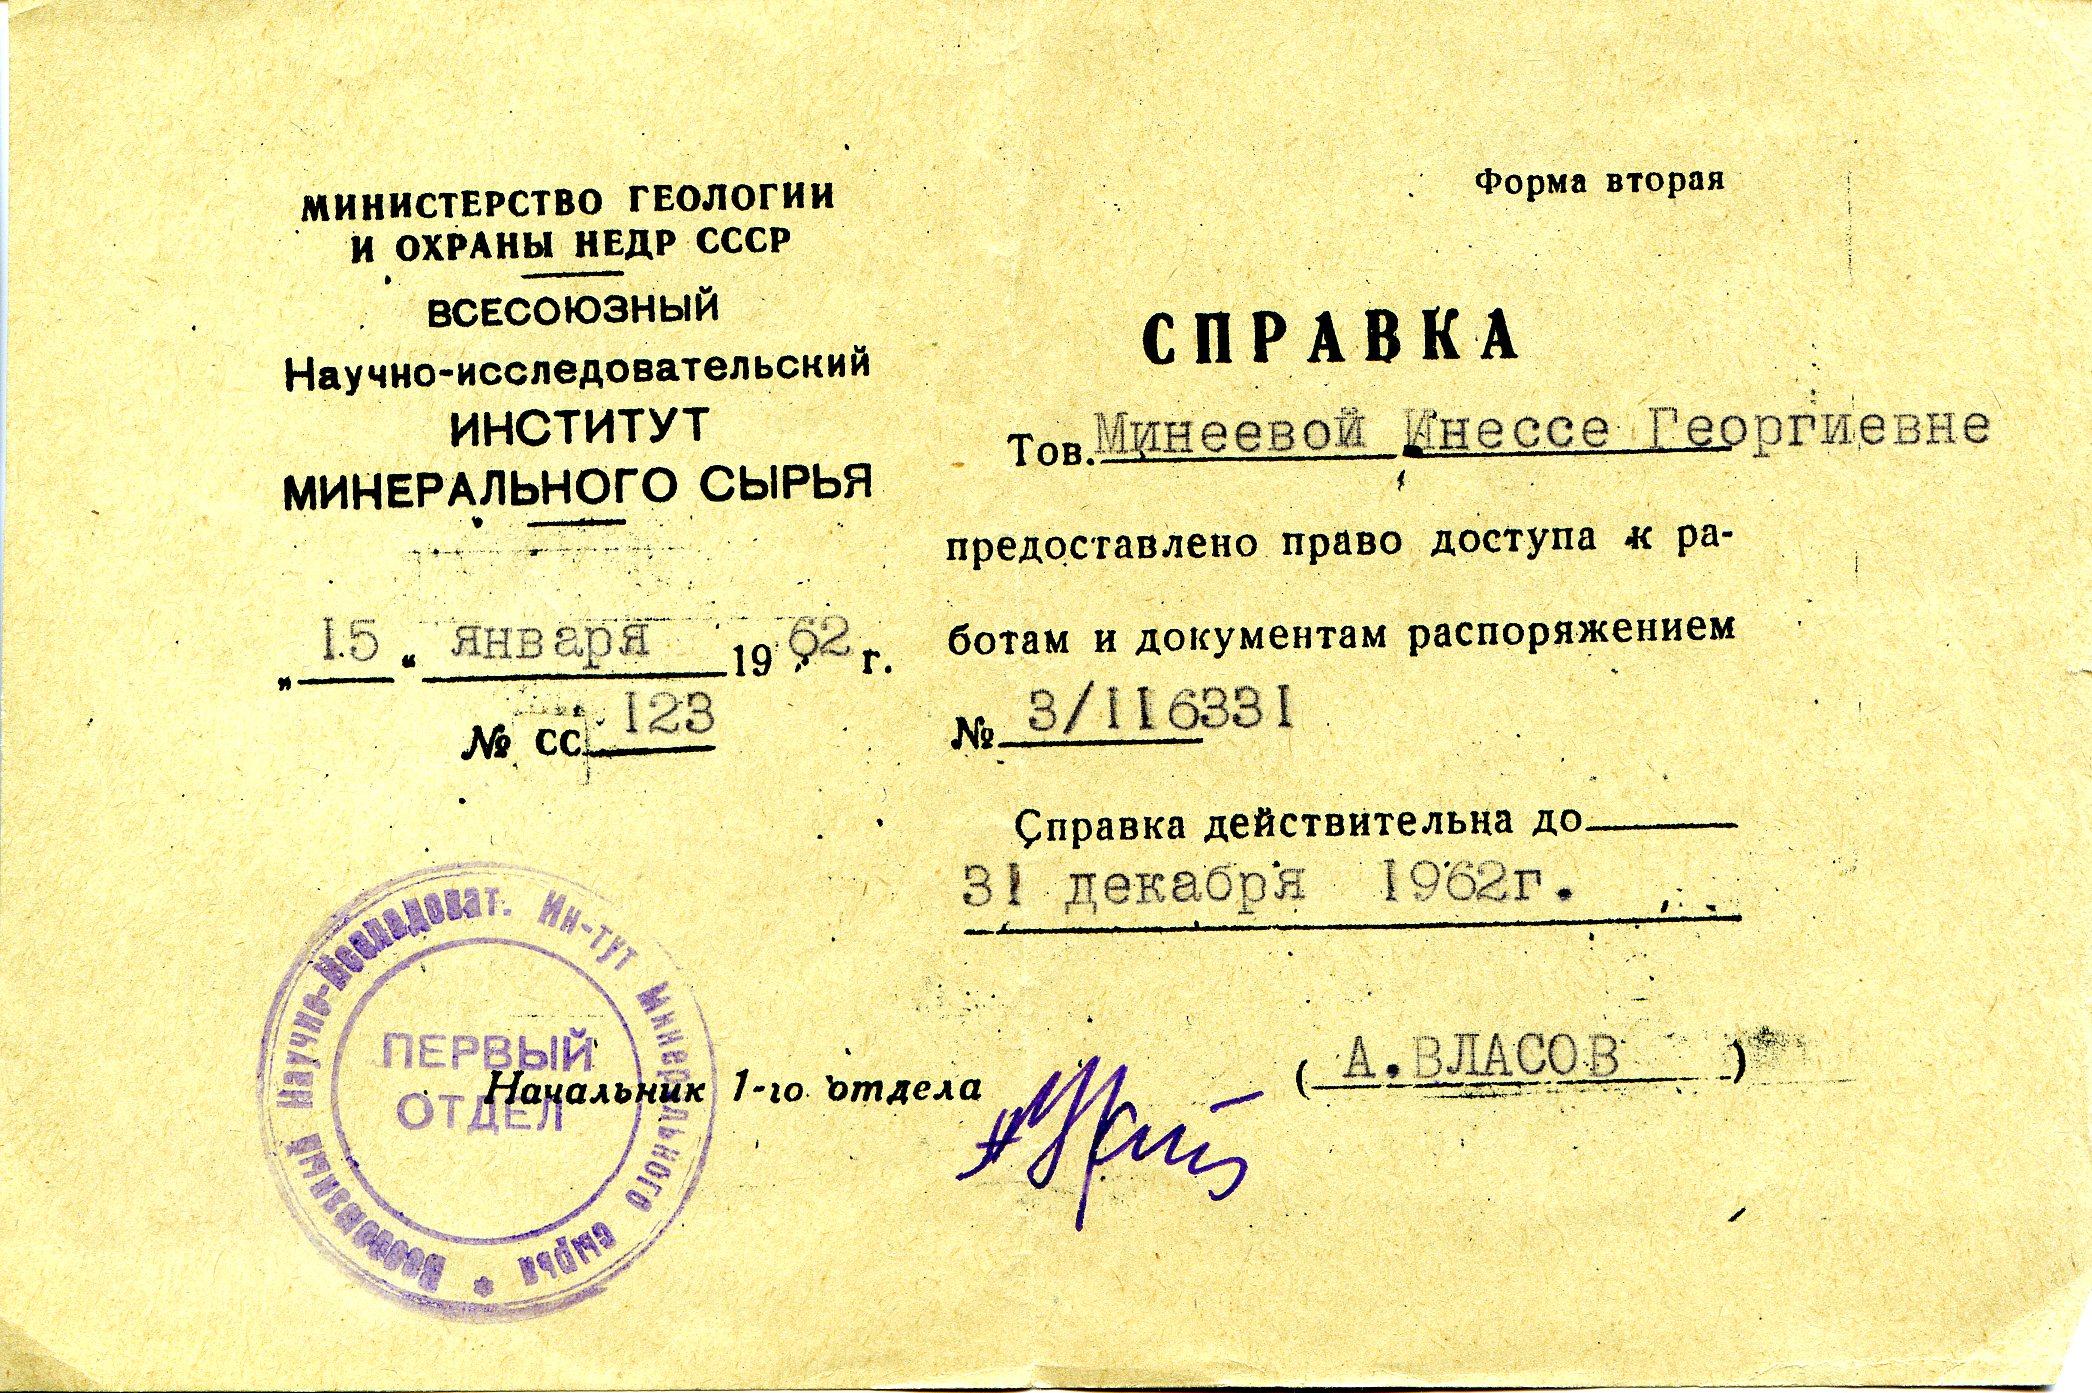 1962 форма 2002.jpg